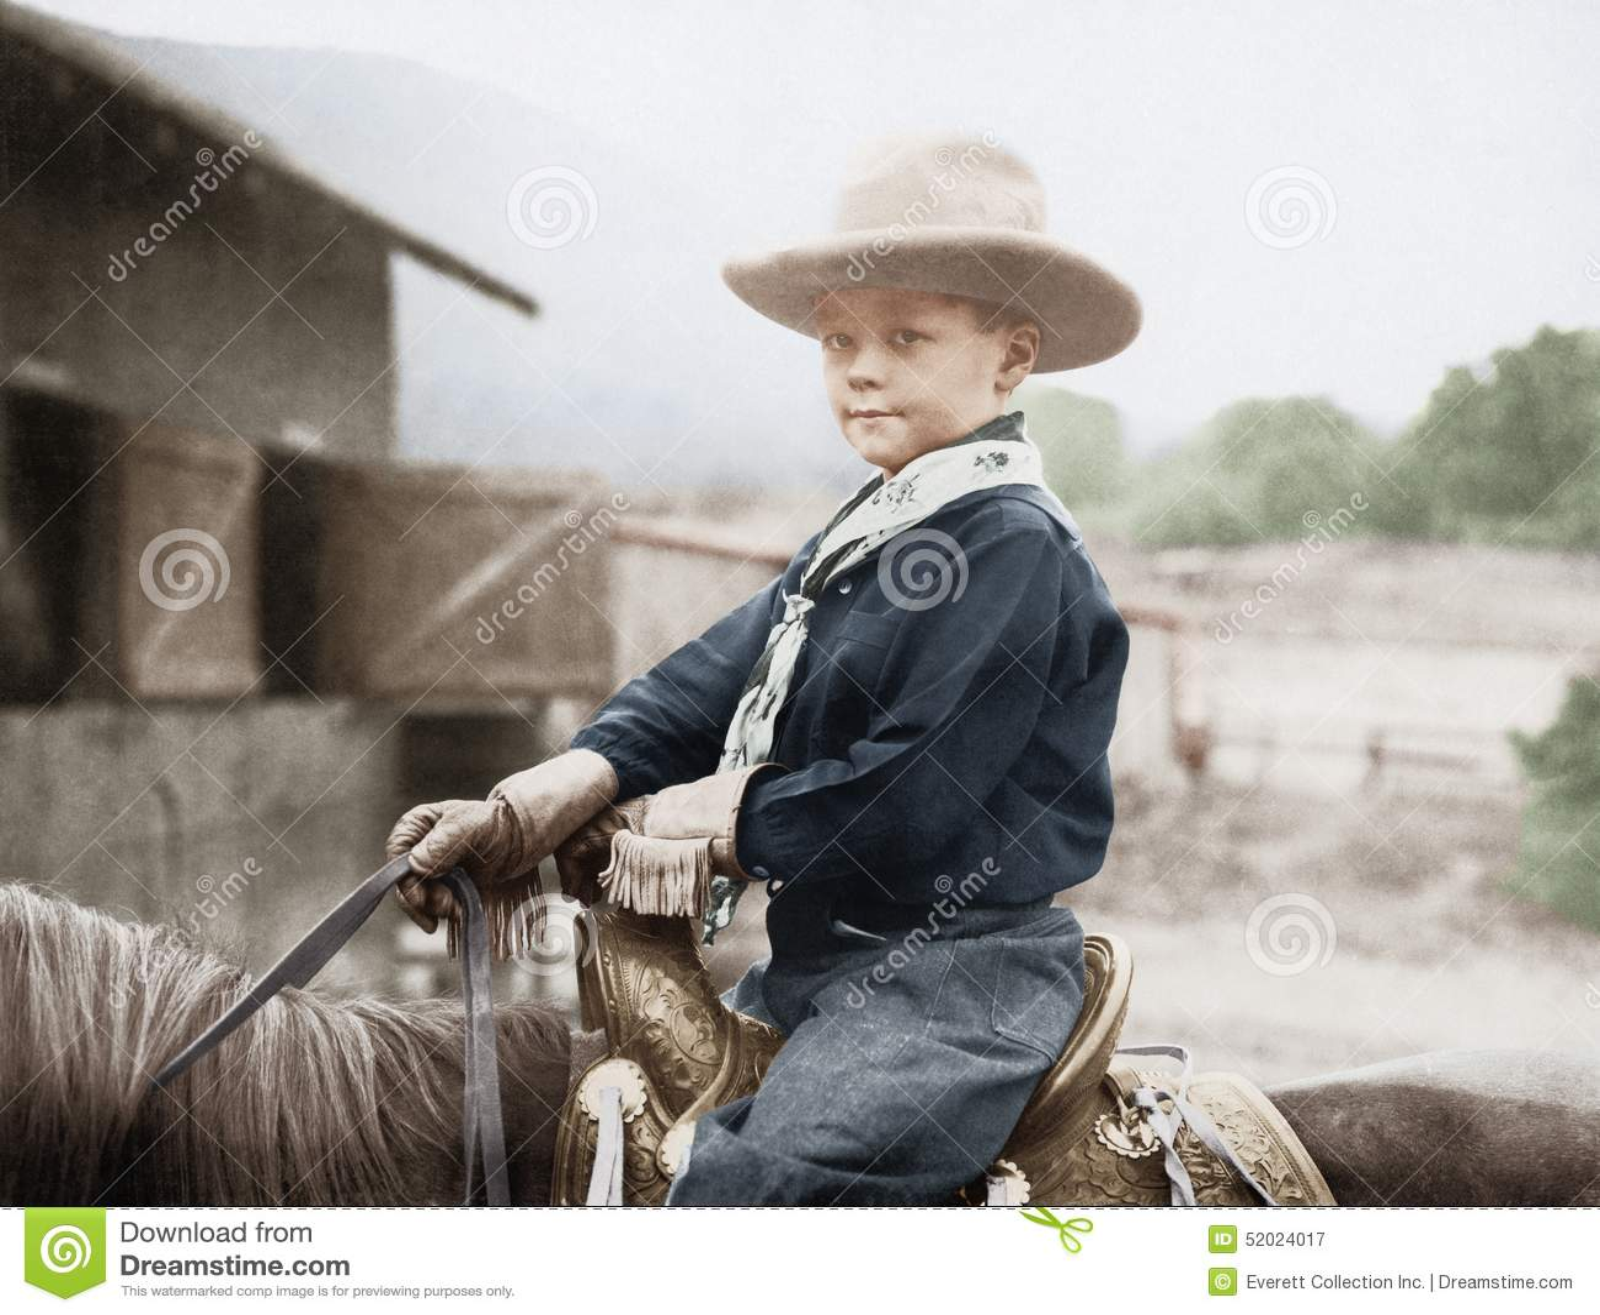 Αγόρι σε ένα καπέλο κάουμποϋ σε ένα άλογο (όλα τα πρόσωπα που απεικονίζονται δεν ζουν περισσότερο και κανένα κτήμα δεν υπάρχει Εξ